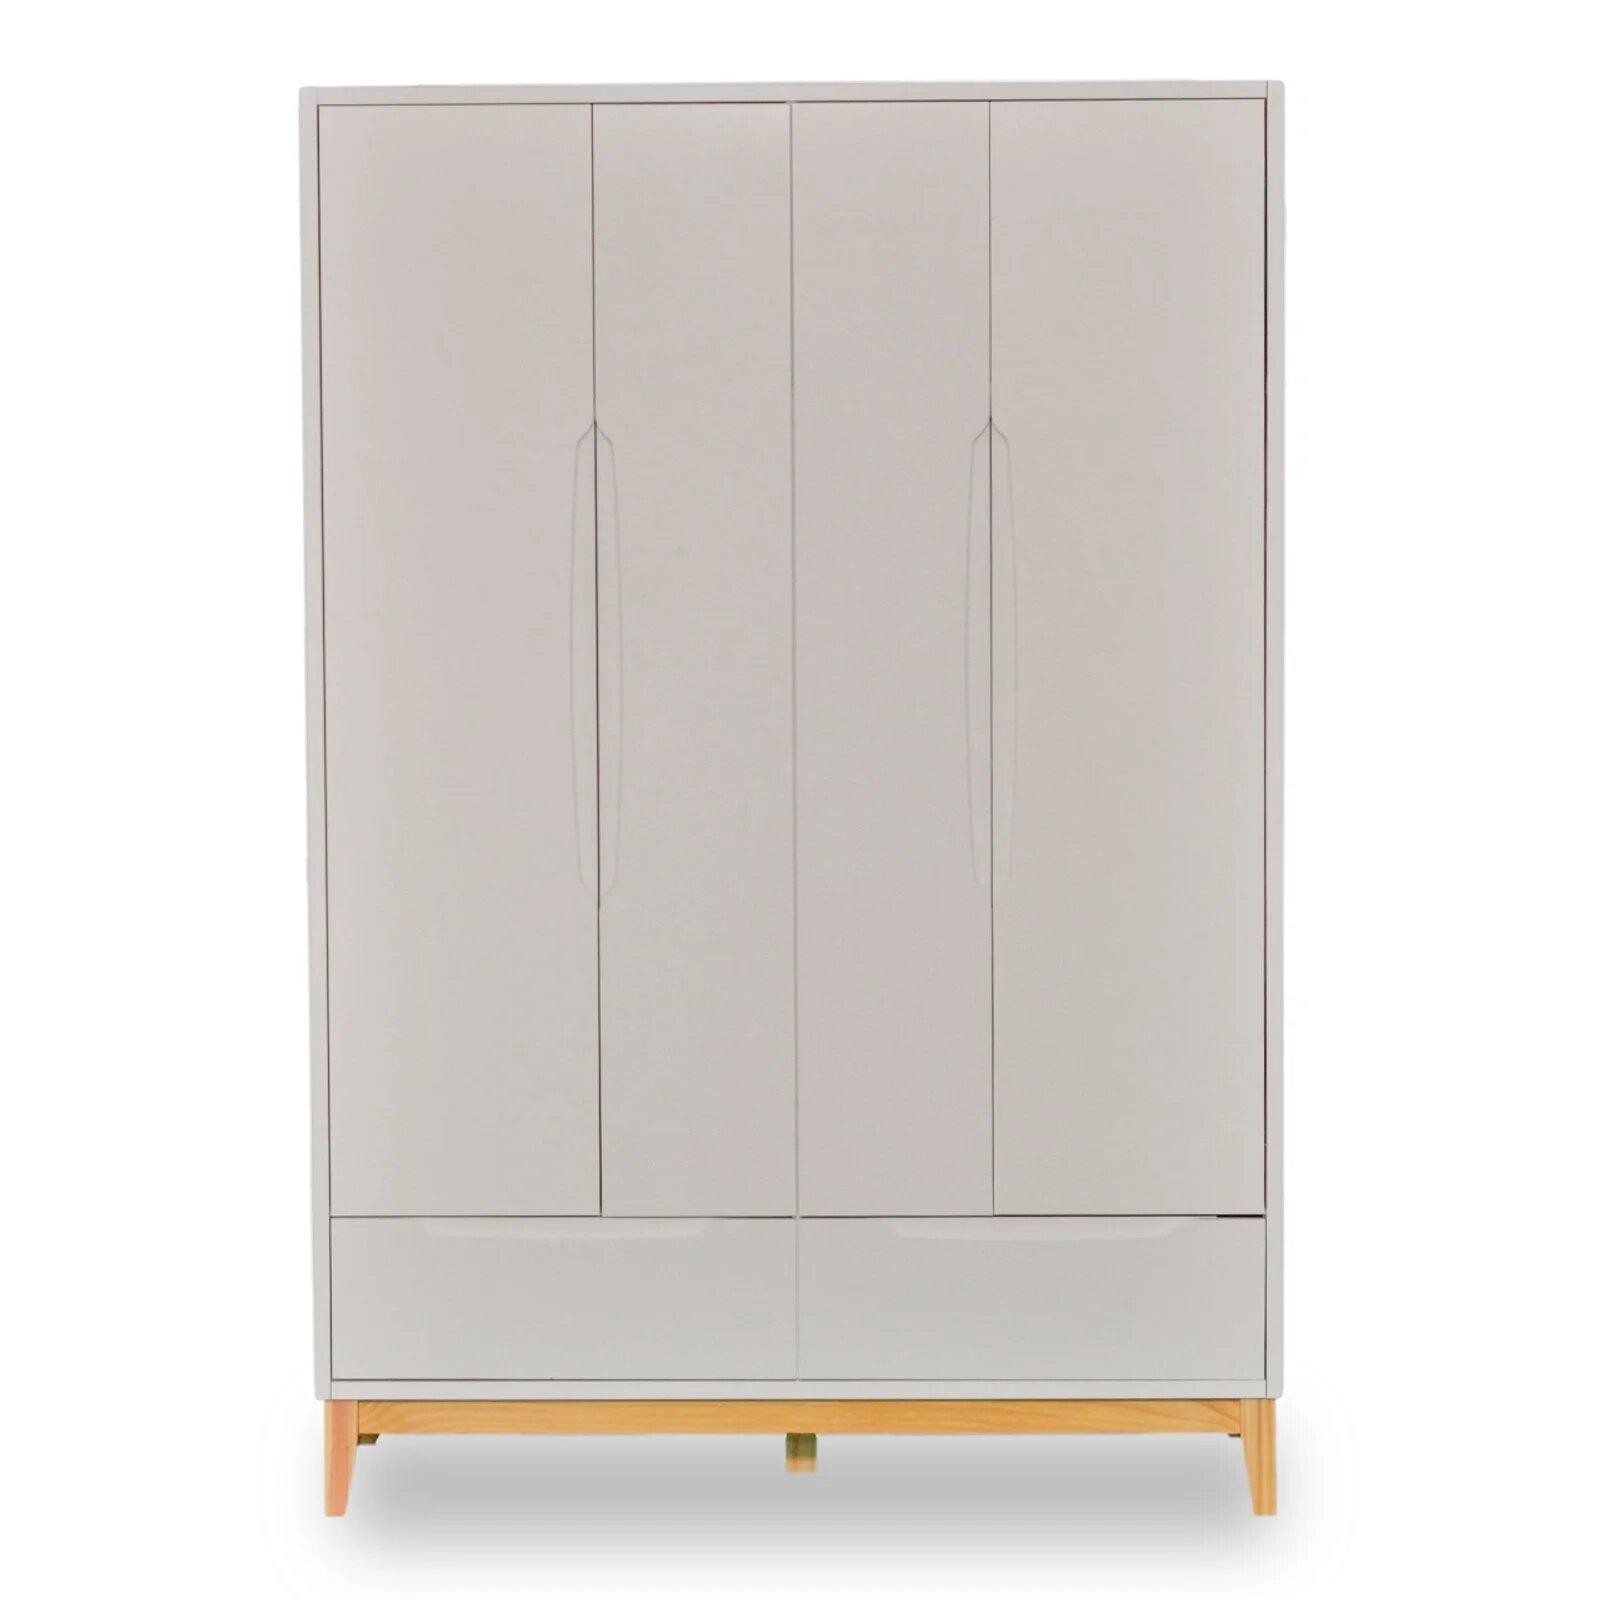 Roupeiro Infantil 4 portas e 2 gavetas - coleção Amor Perfeito branco